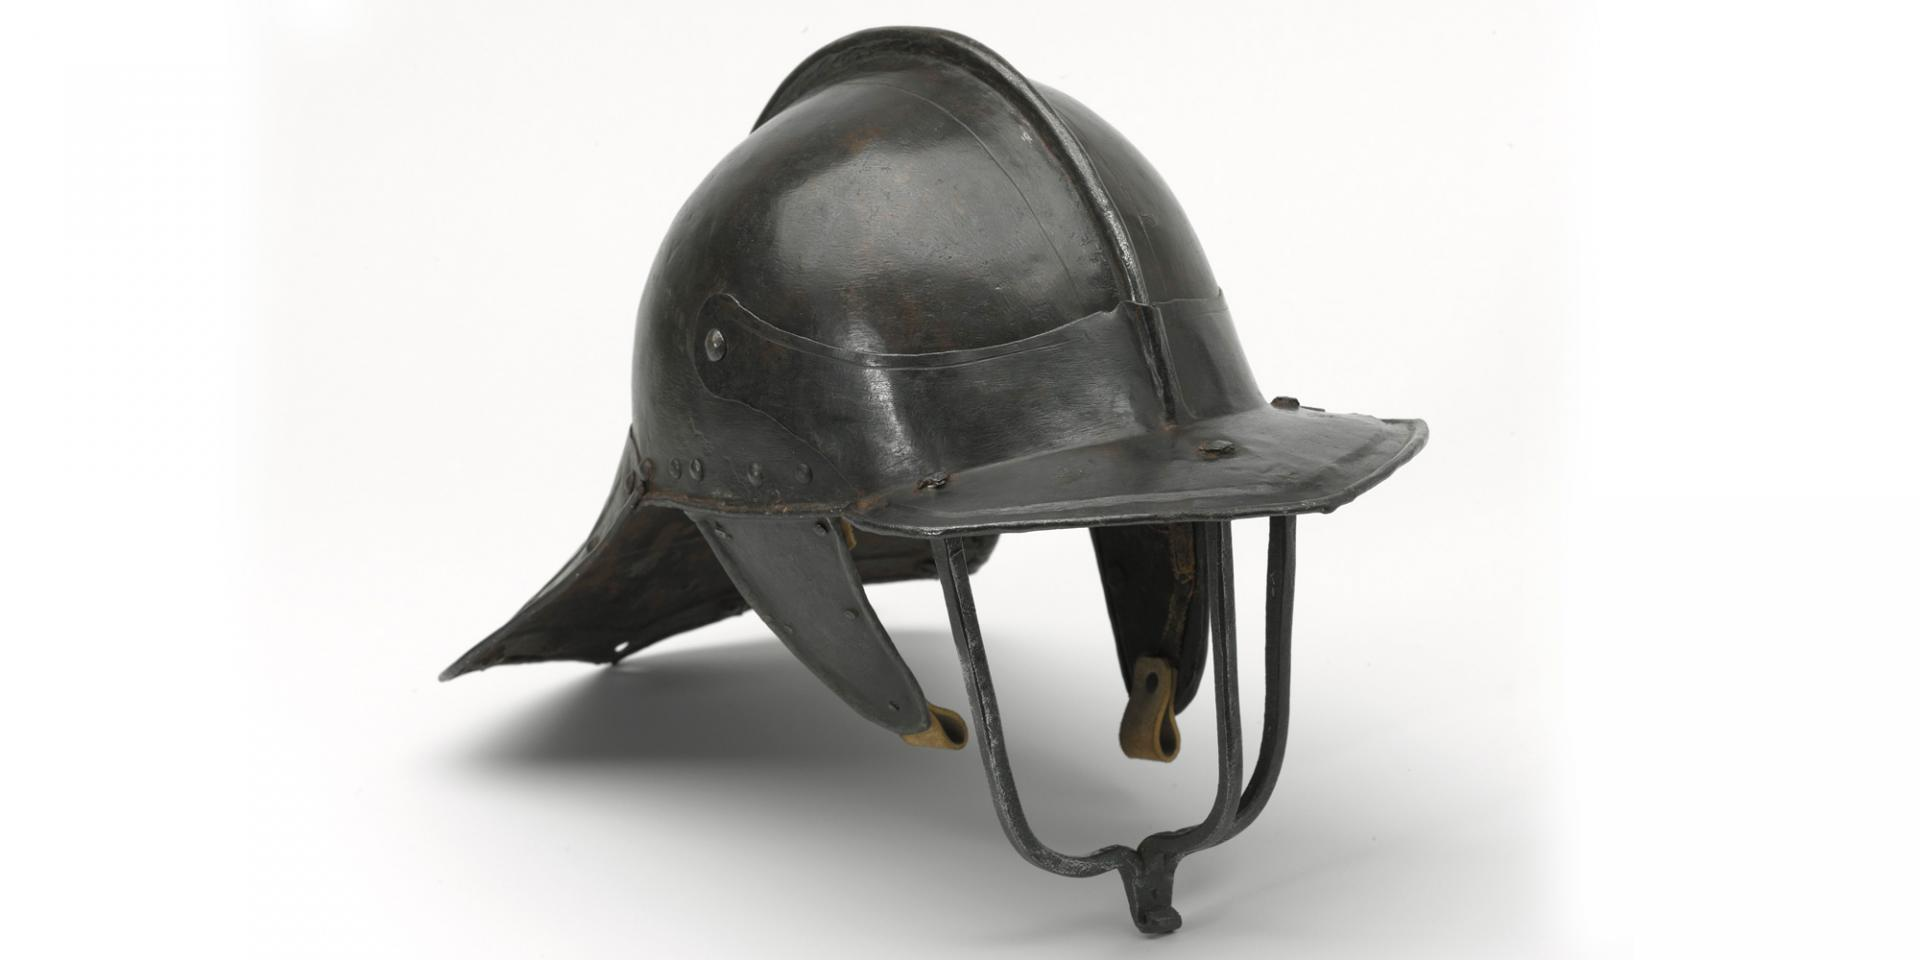 Light cavalryman's lobster pot helmet, 1640